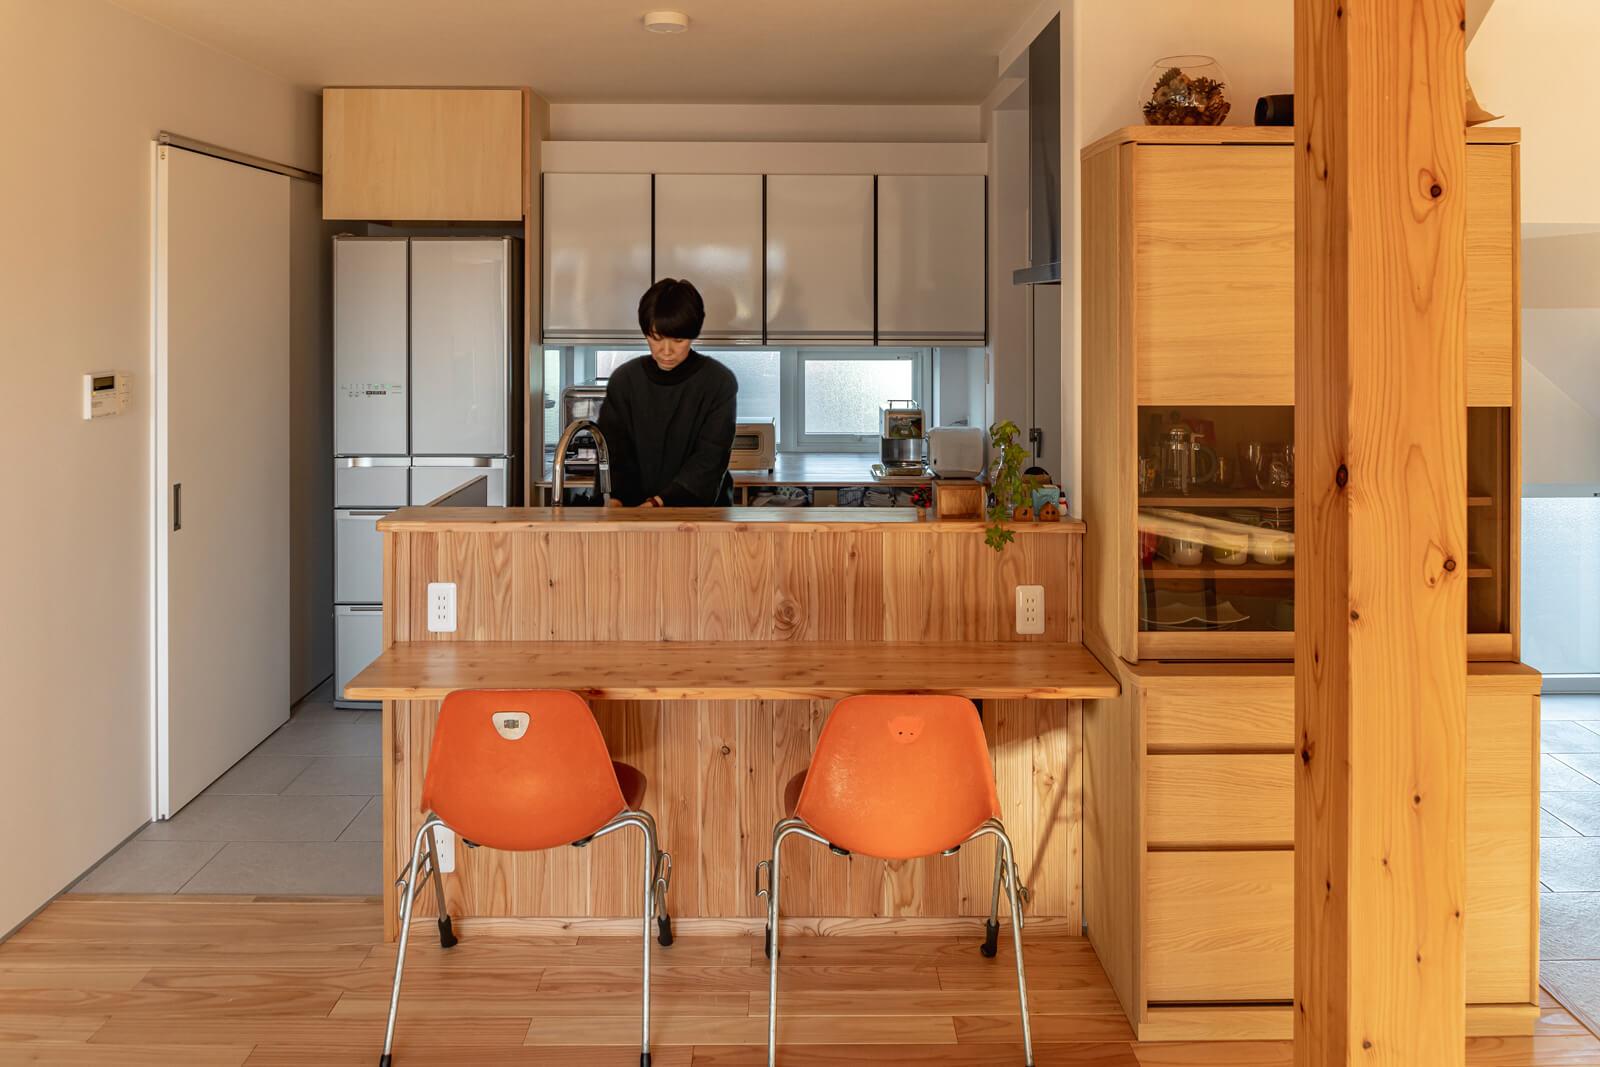 リビング・ダイニングを見渡す対面式キッチン。リビング側には造作カウンター付きの腰壁を設けた。白い引き戸を開けると、ランドリーを兼ねた脱衣室がある